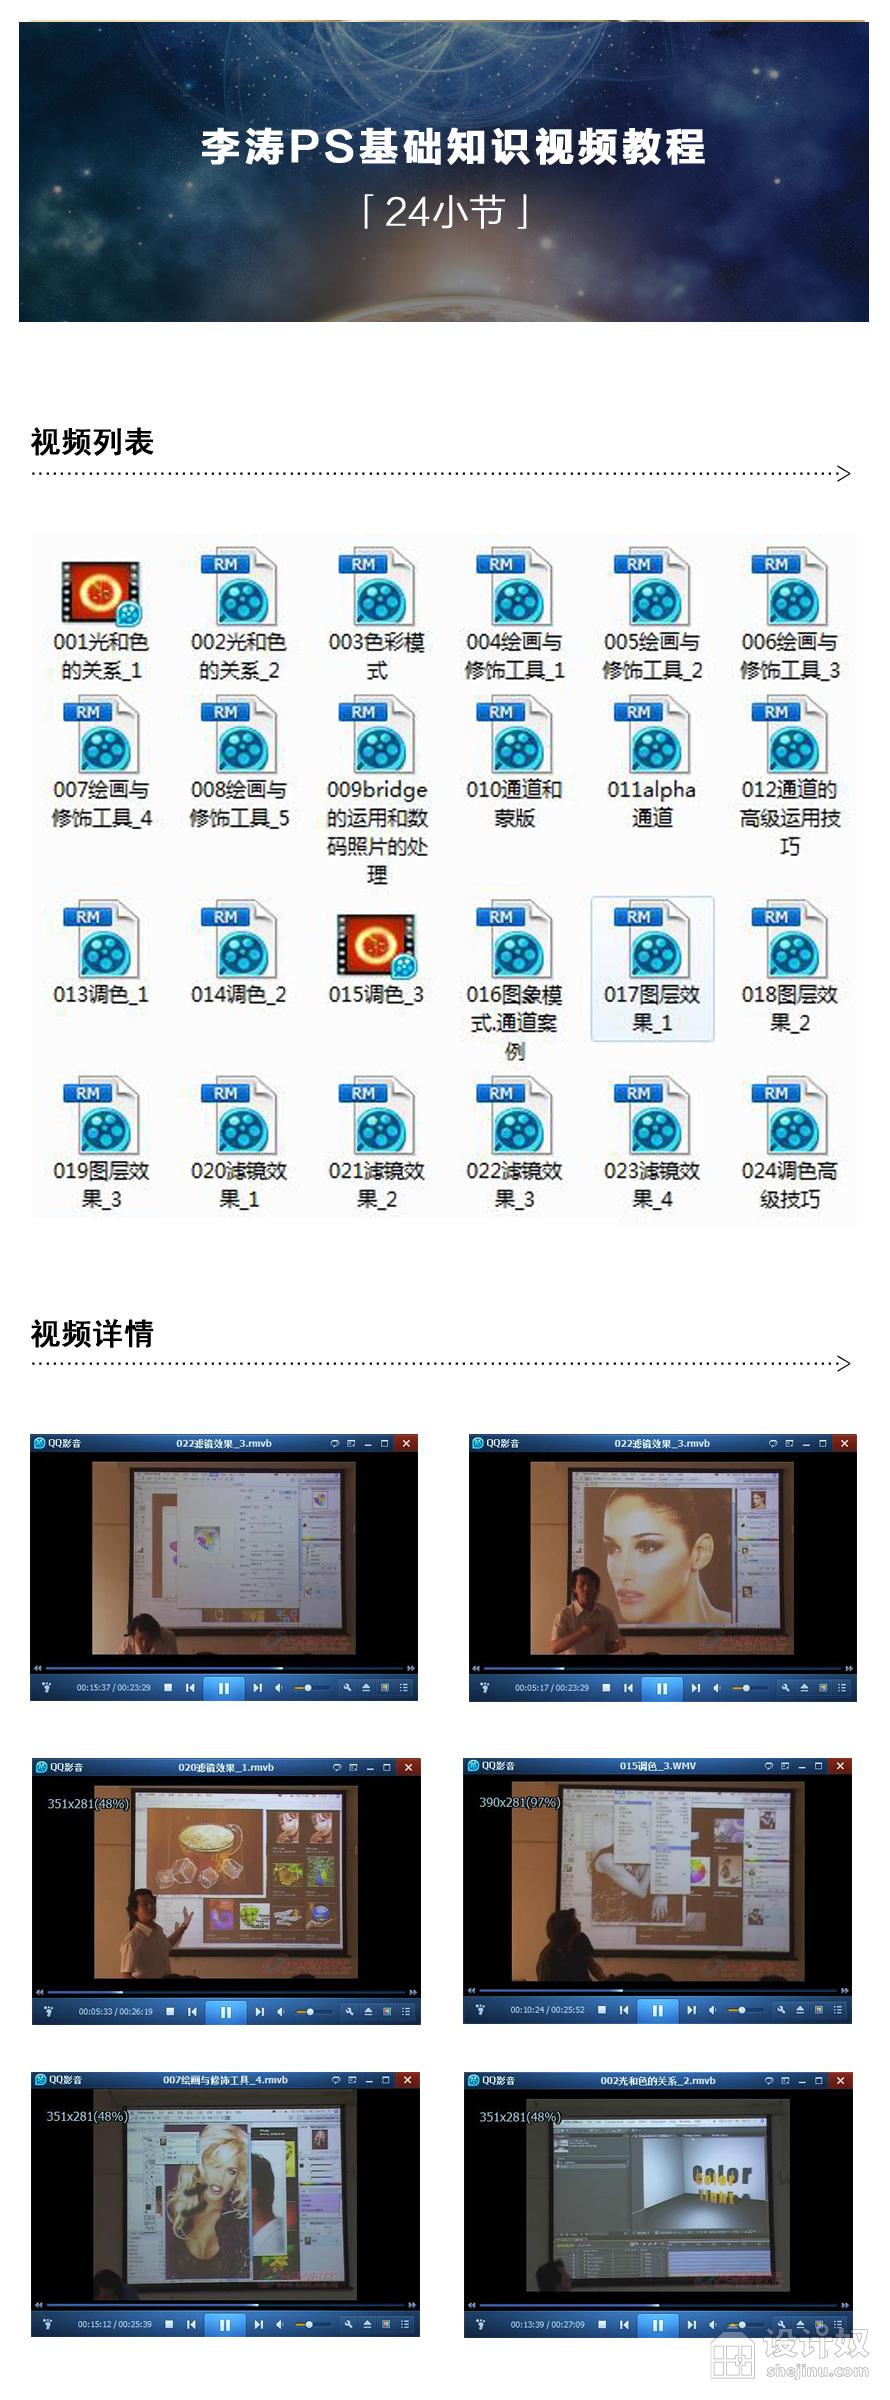 分享:李涛PS基础知识视频教程(24小节)